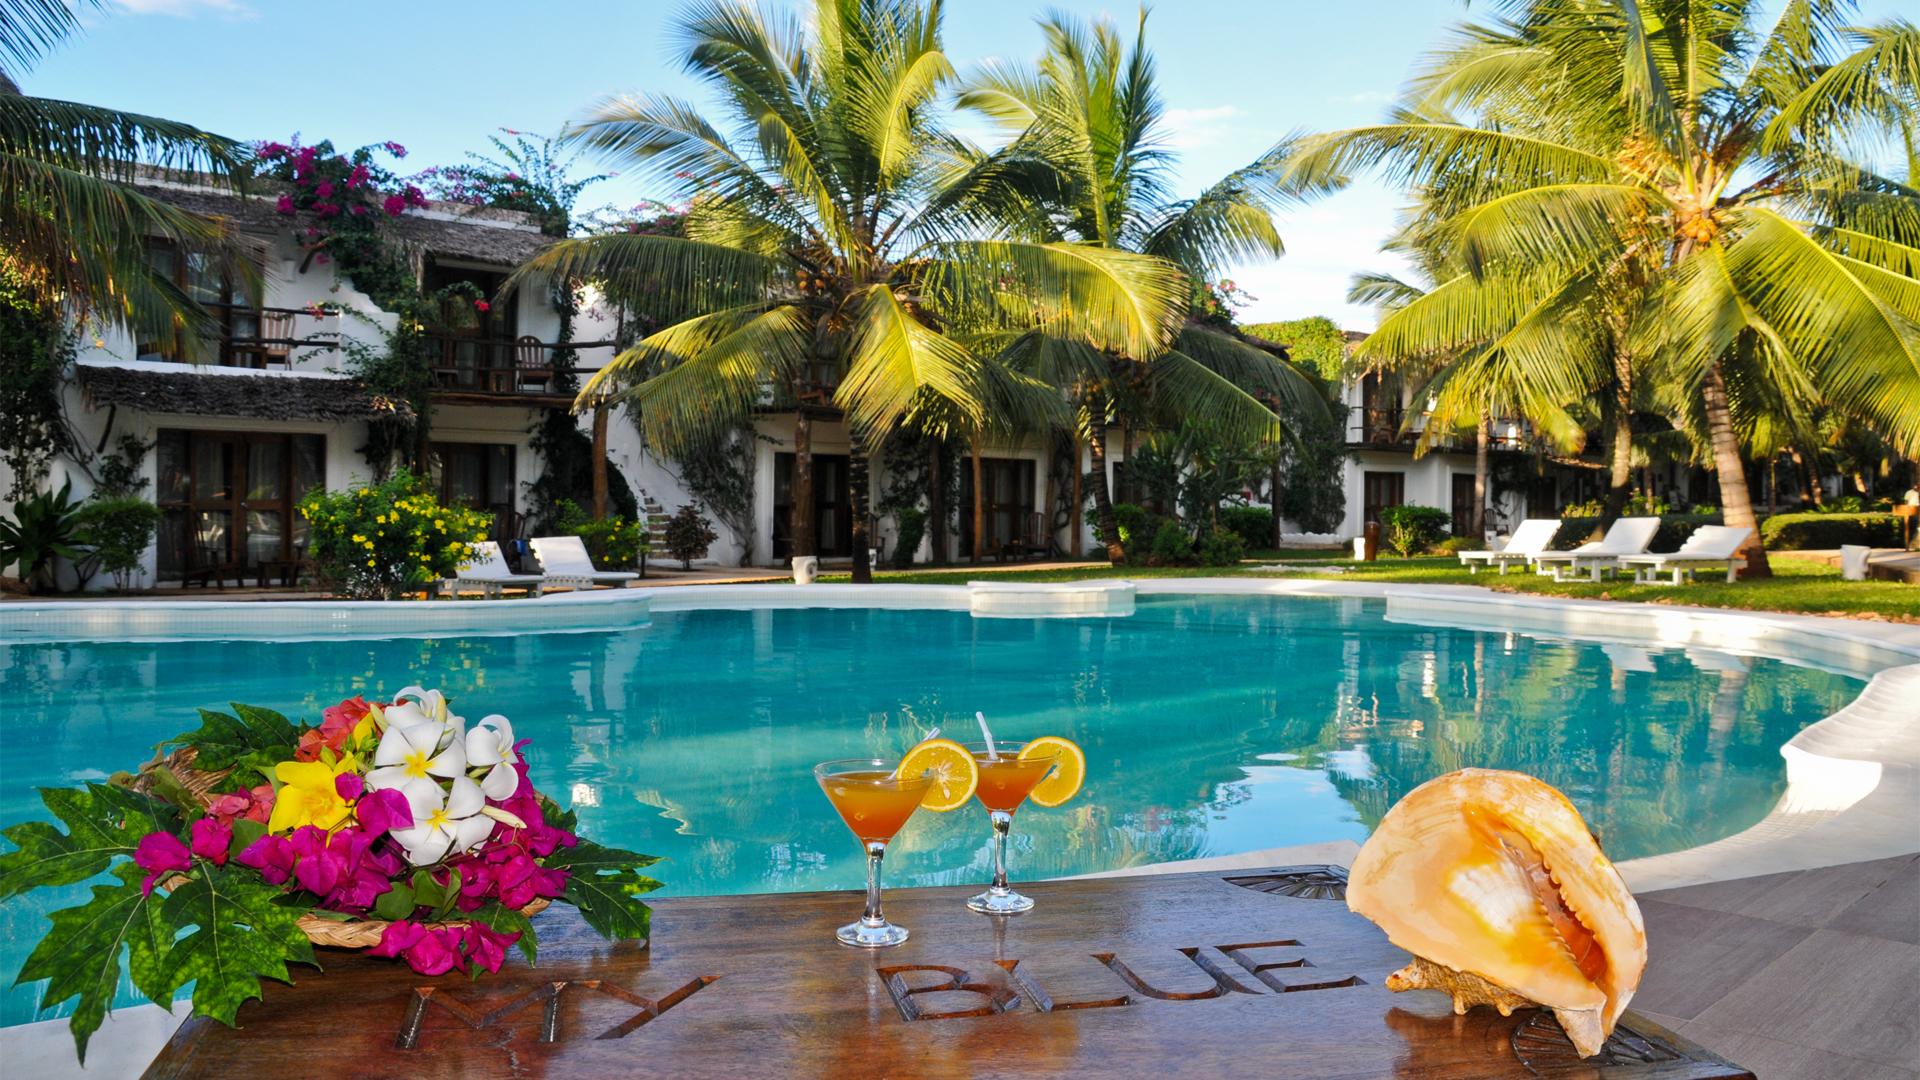 Почивка на остров Занзибар 2020 - Hotel My Blue Hotel Zanzibar 4*